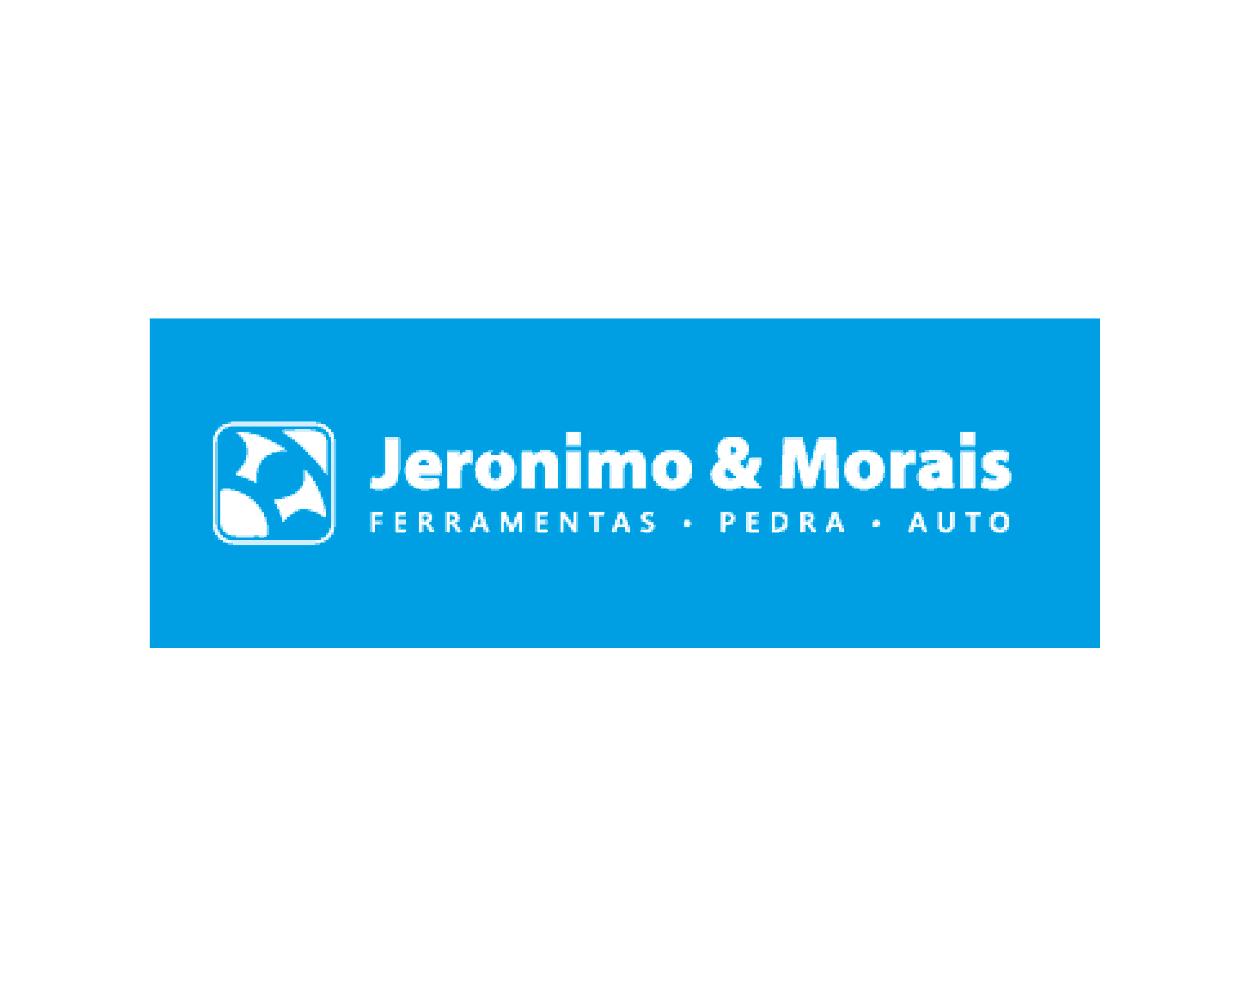 Jerónimo e Morais